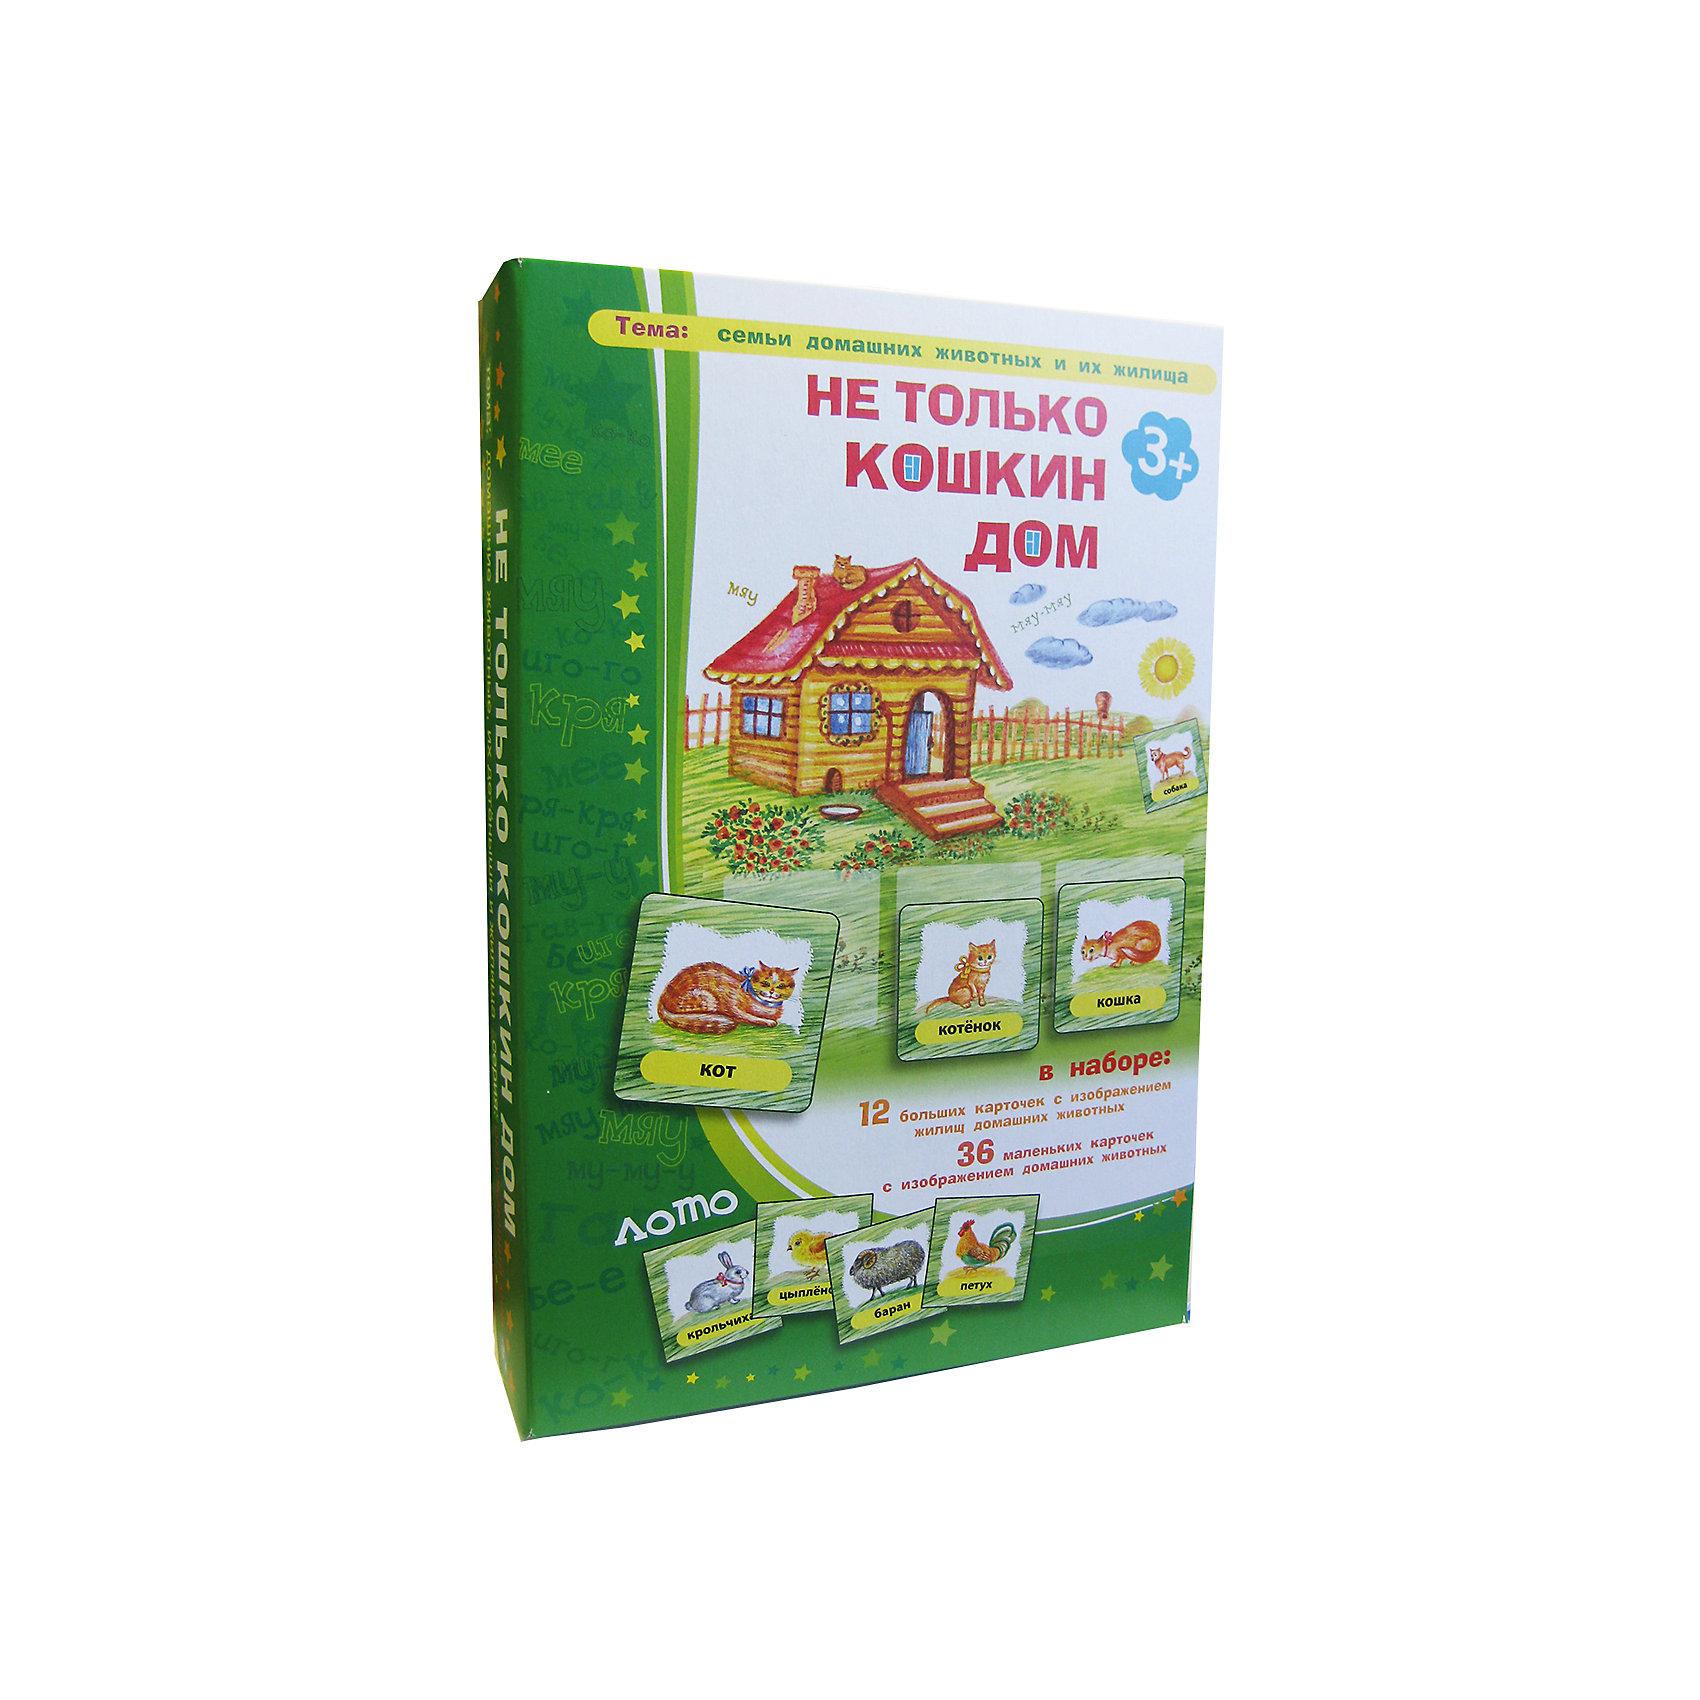 Не только Кошкин дом, Игротека Татьяны БарчанЛото<br>Не только Кошкин дом, Игротека Татьяны Барчан.<br><br>Характеристики:<br><br>• Для детей в возрасте: от 3 до 5 лет<br>• В комплекте: 12 игровых полей лото с изображением домиков, 36 карточек с изображением животных, инструкция<br>• Тема: Домашние животные, их детеныши, жилища<br>• Материал: плотный качественный картон<br>• Производитель: ЦОТР Ребус (Россия)<br>• Упаковка: картонная коробка<br>• Размер упаковки: 268х182х42 мм.<br>• Вес: 304 гр.<br><br>Игра знакомит детей с домашними животными и птицами, их детёнышами и жилищами. Красивые, яркие картинки, понятные задачи сделали игру одной из самых любимых у малышей. Карточки с животными можно использовать по-разному. Можно играть в лото - собирать в соответствующий домик всю семью, а можно играть в парные картинки - собирать парочкимама-малыш. <br><br>Можно просто рассматривать персонажей игры или придумать свой игровой сюжет. И конечно, необходимо обсудить с ребенком вопросы о том, чем питаются домашние животные, как «разговаривают», какую пользу приносят. Игра развивает внимание, речь, память, знакомит с окружающим миром.<br><br>Игру Не только Кошкин дом, Игротека Татьяны Барчан можно купить в нашем интернет-магазине.<br><br>Ширина мм: 270<br>Глубина мм: 180<br>Высота мм: 40<br>Вес г: 298<br>Возраст от месяцев: 36<br>Возраст до месяцев: 60<br>Пол: Унисекс<br>Возраст: Детский<br>SKU: 6751334